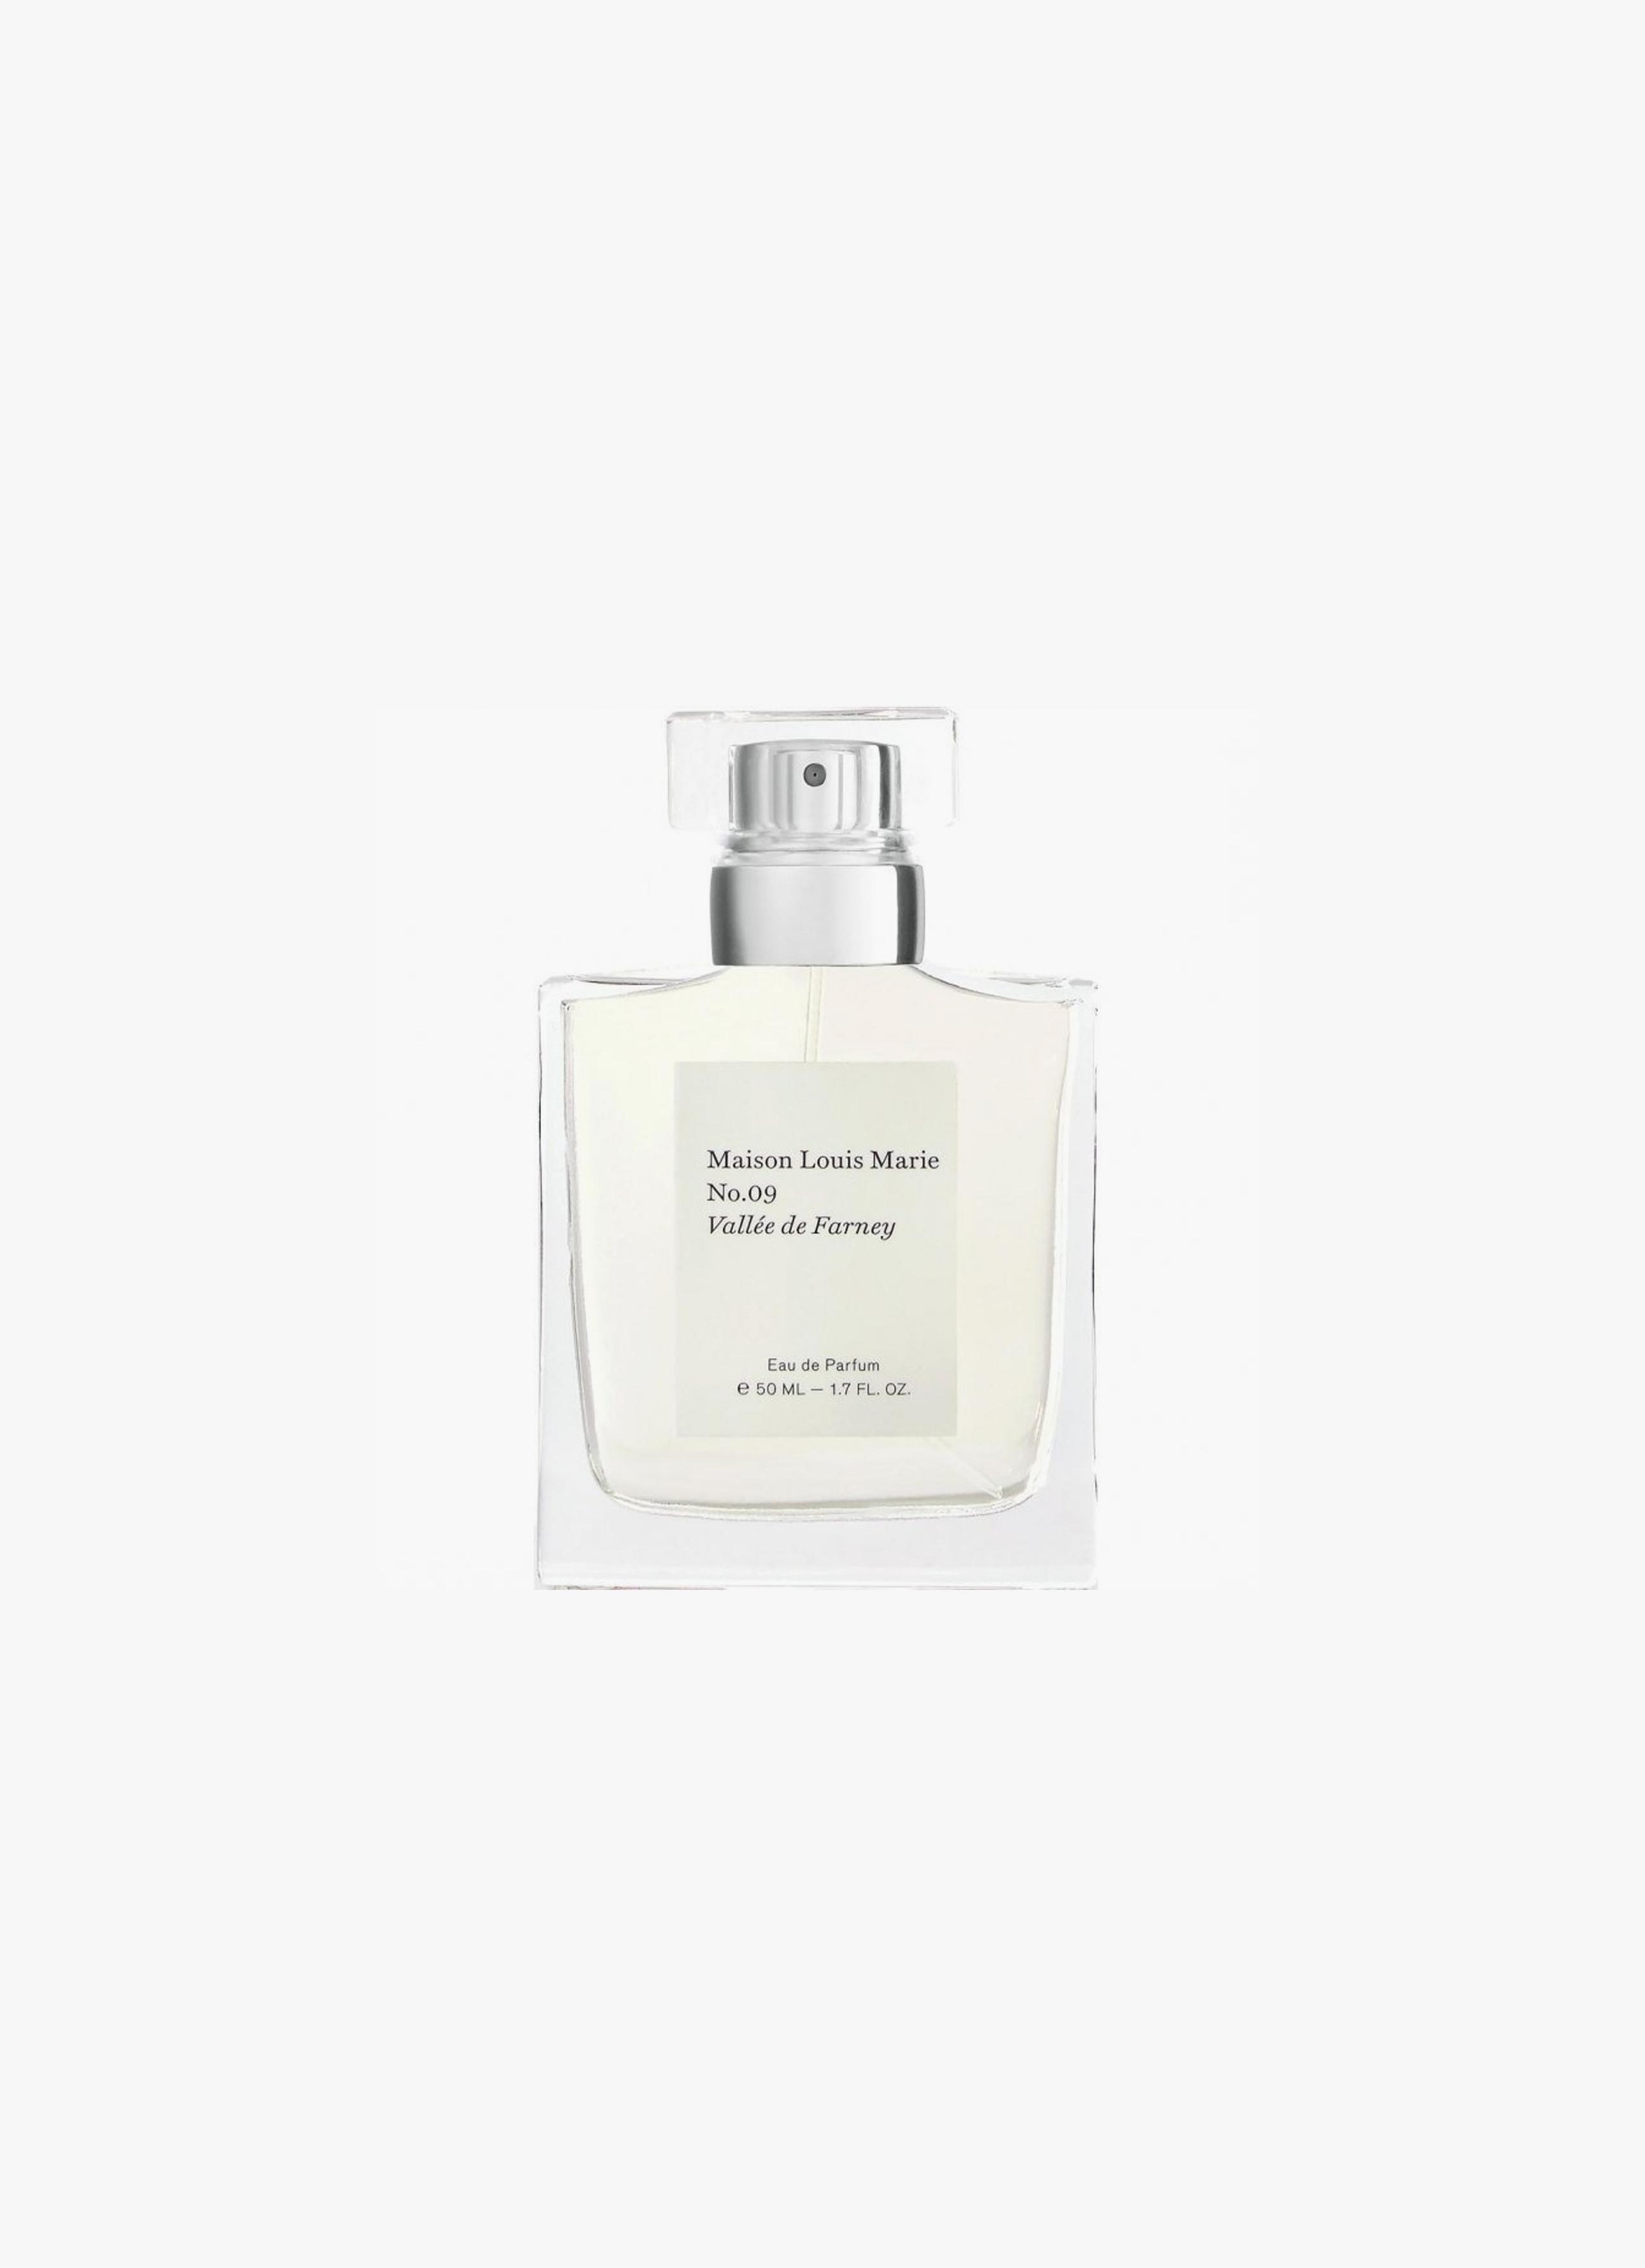 Maison Louis Marie - No.09 - Eau de Parfum